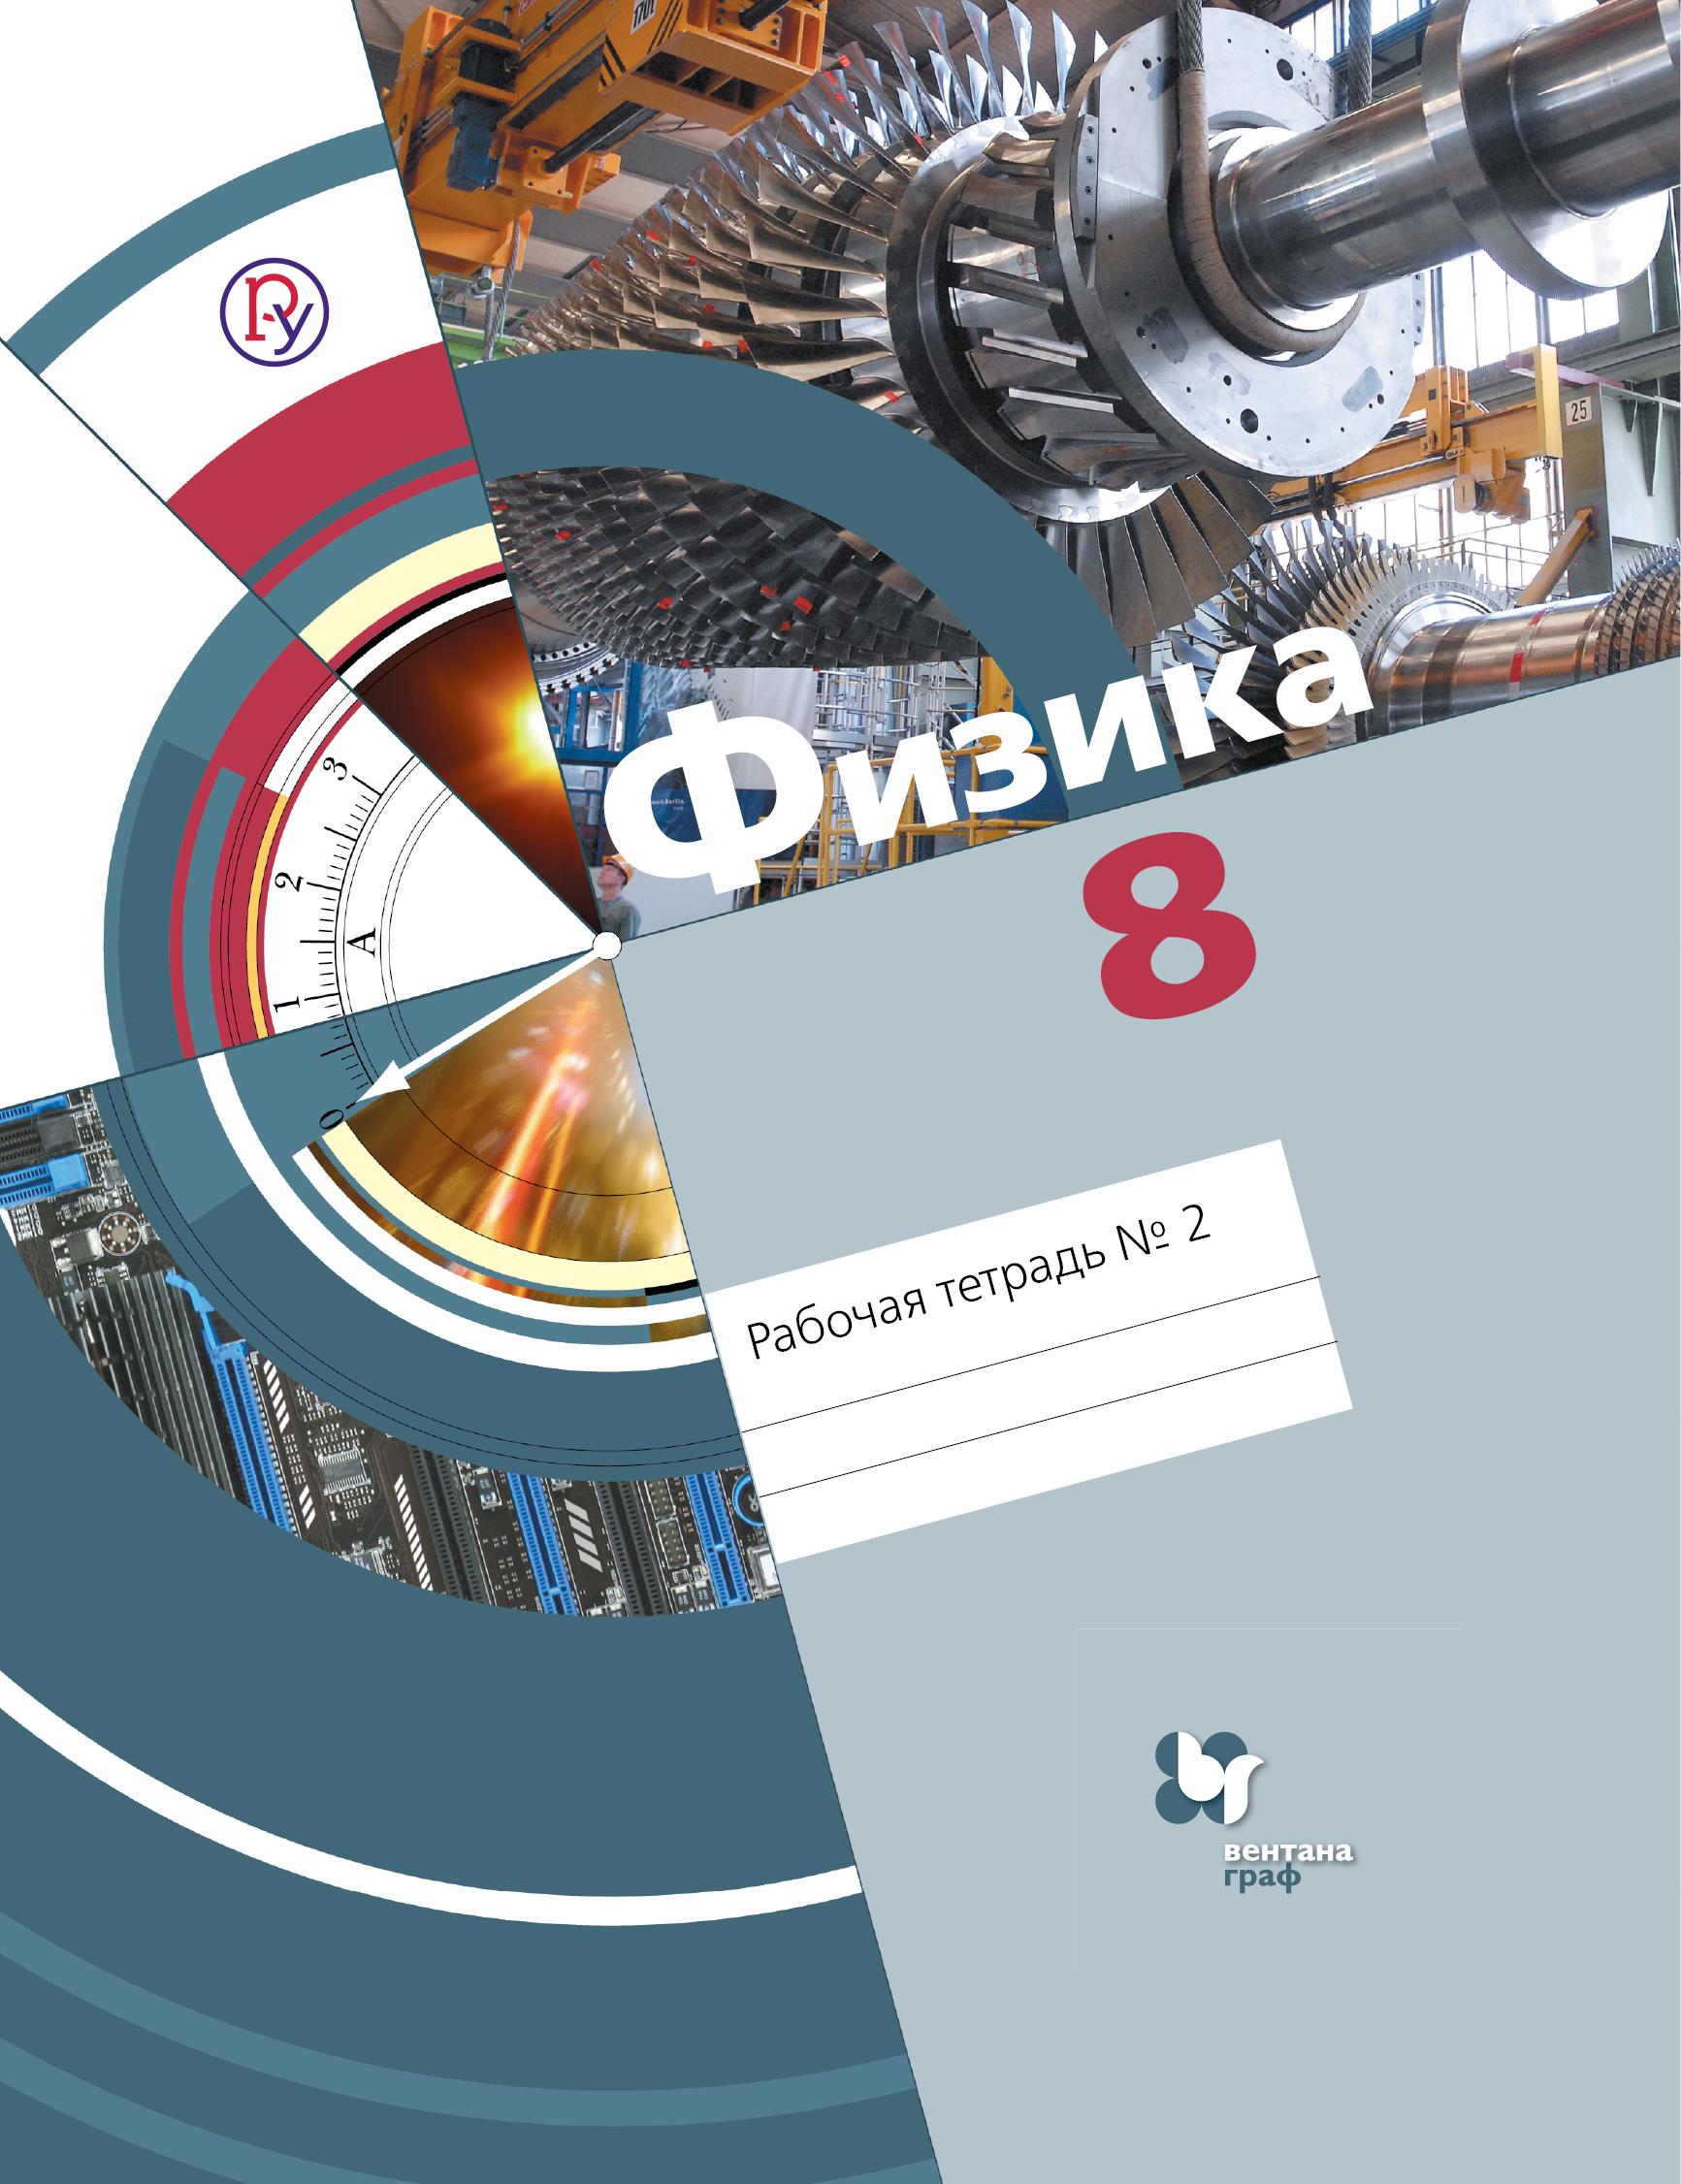 ХижняковаЛ.С., СинявинаА.А., ХолинаС.А., ШиловаС.Ф. Физика. 8 класс. Рабочая тетрадь № 2